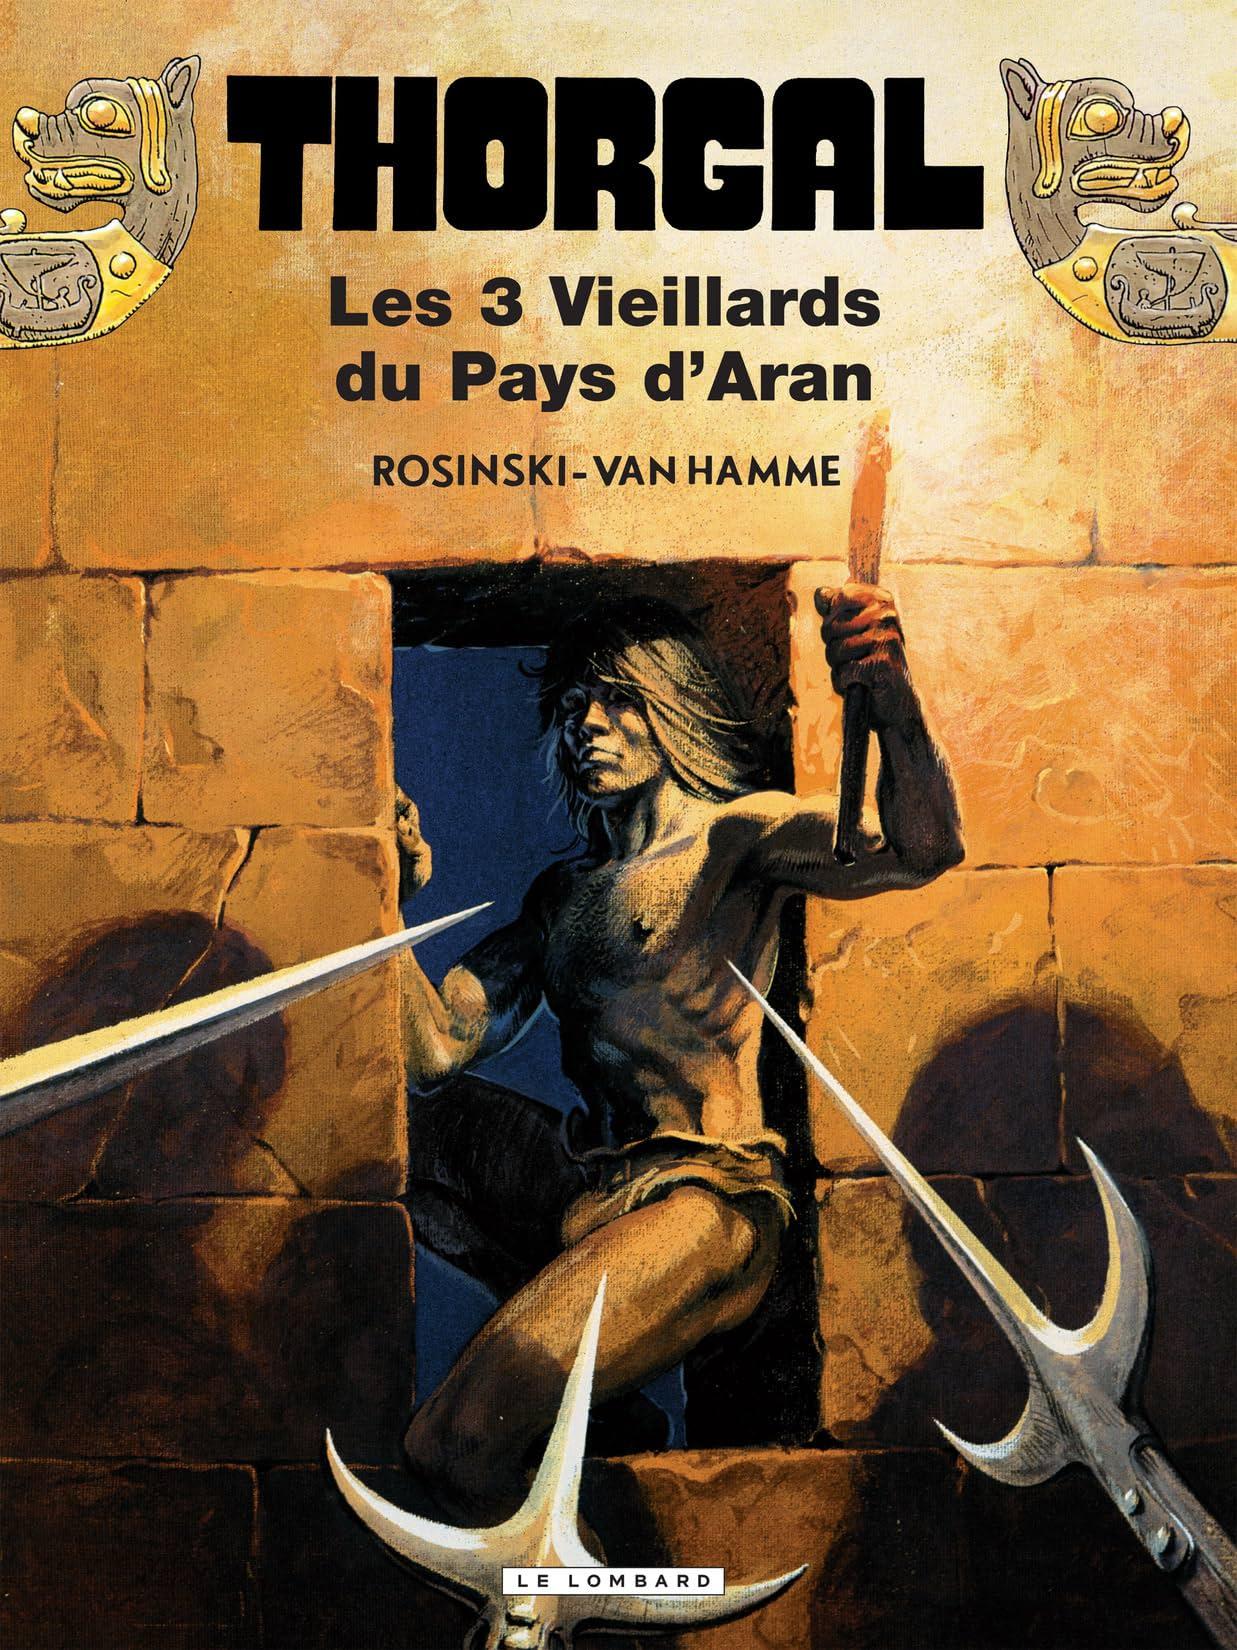 Thorgal Vol. 3: Les trois vieillards du pays d'Aran